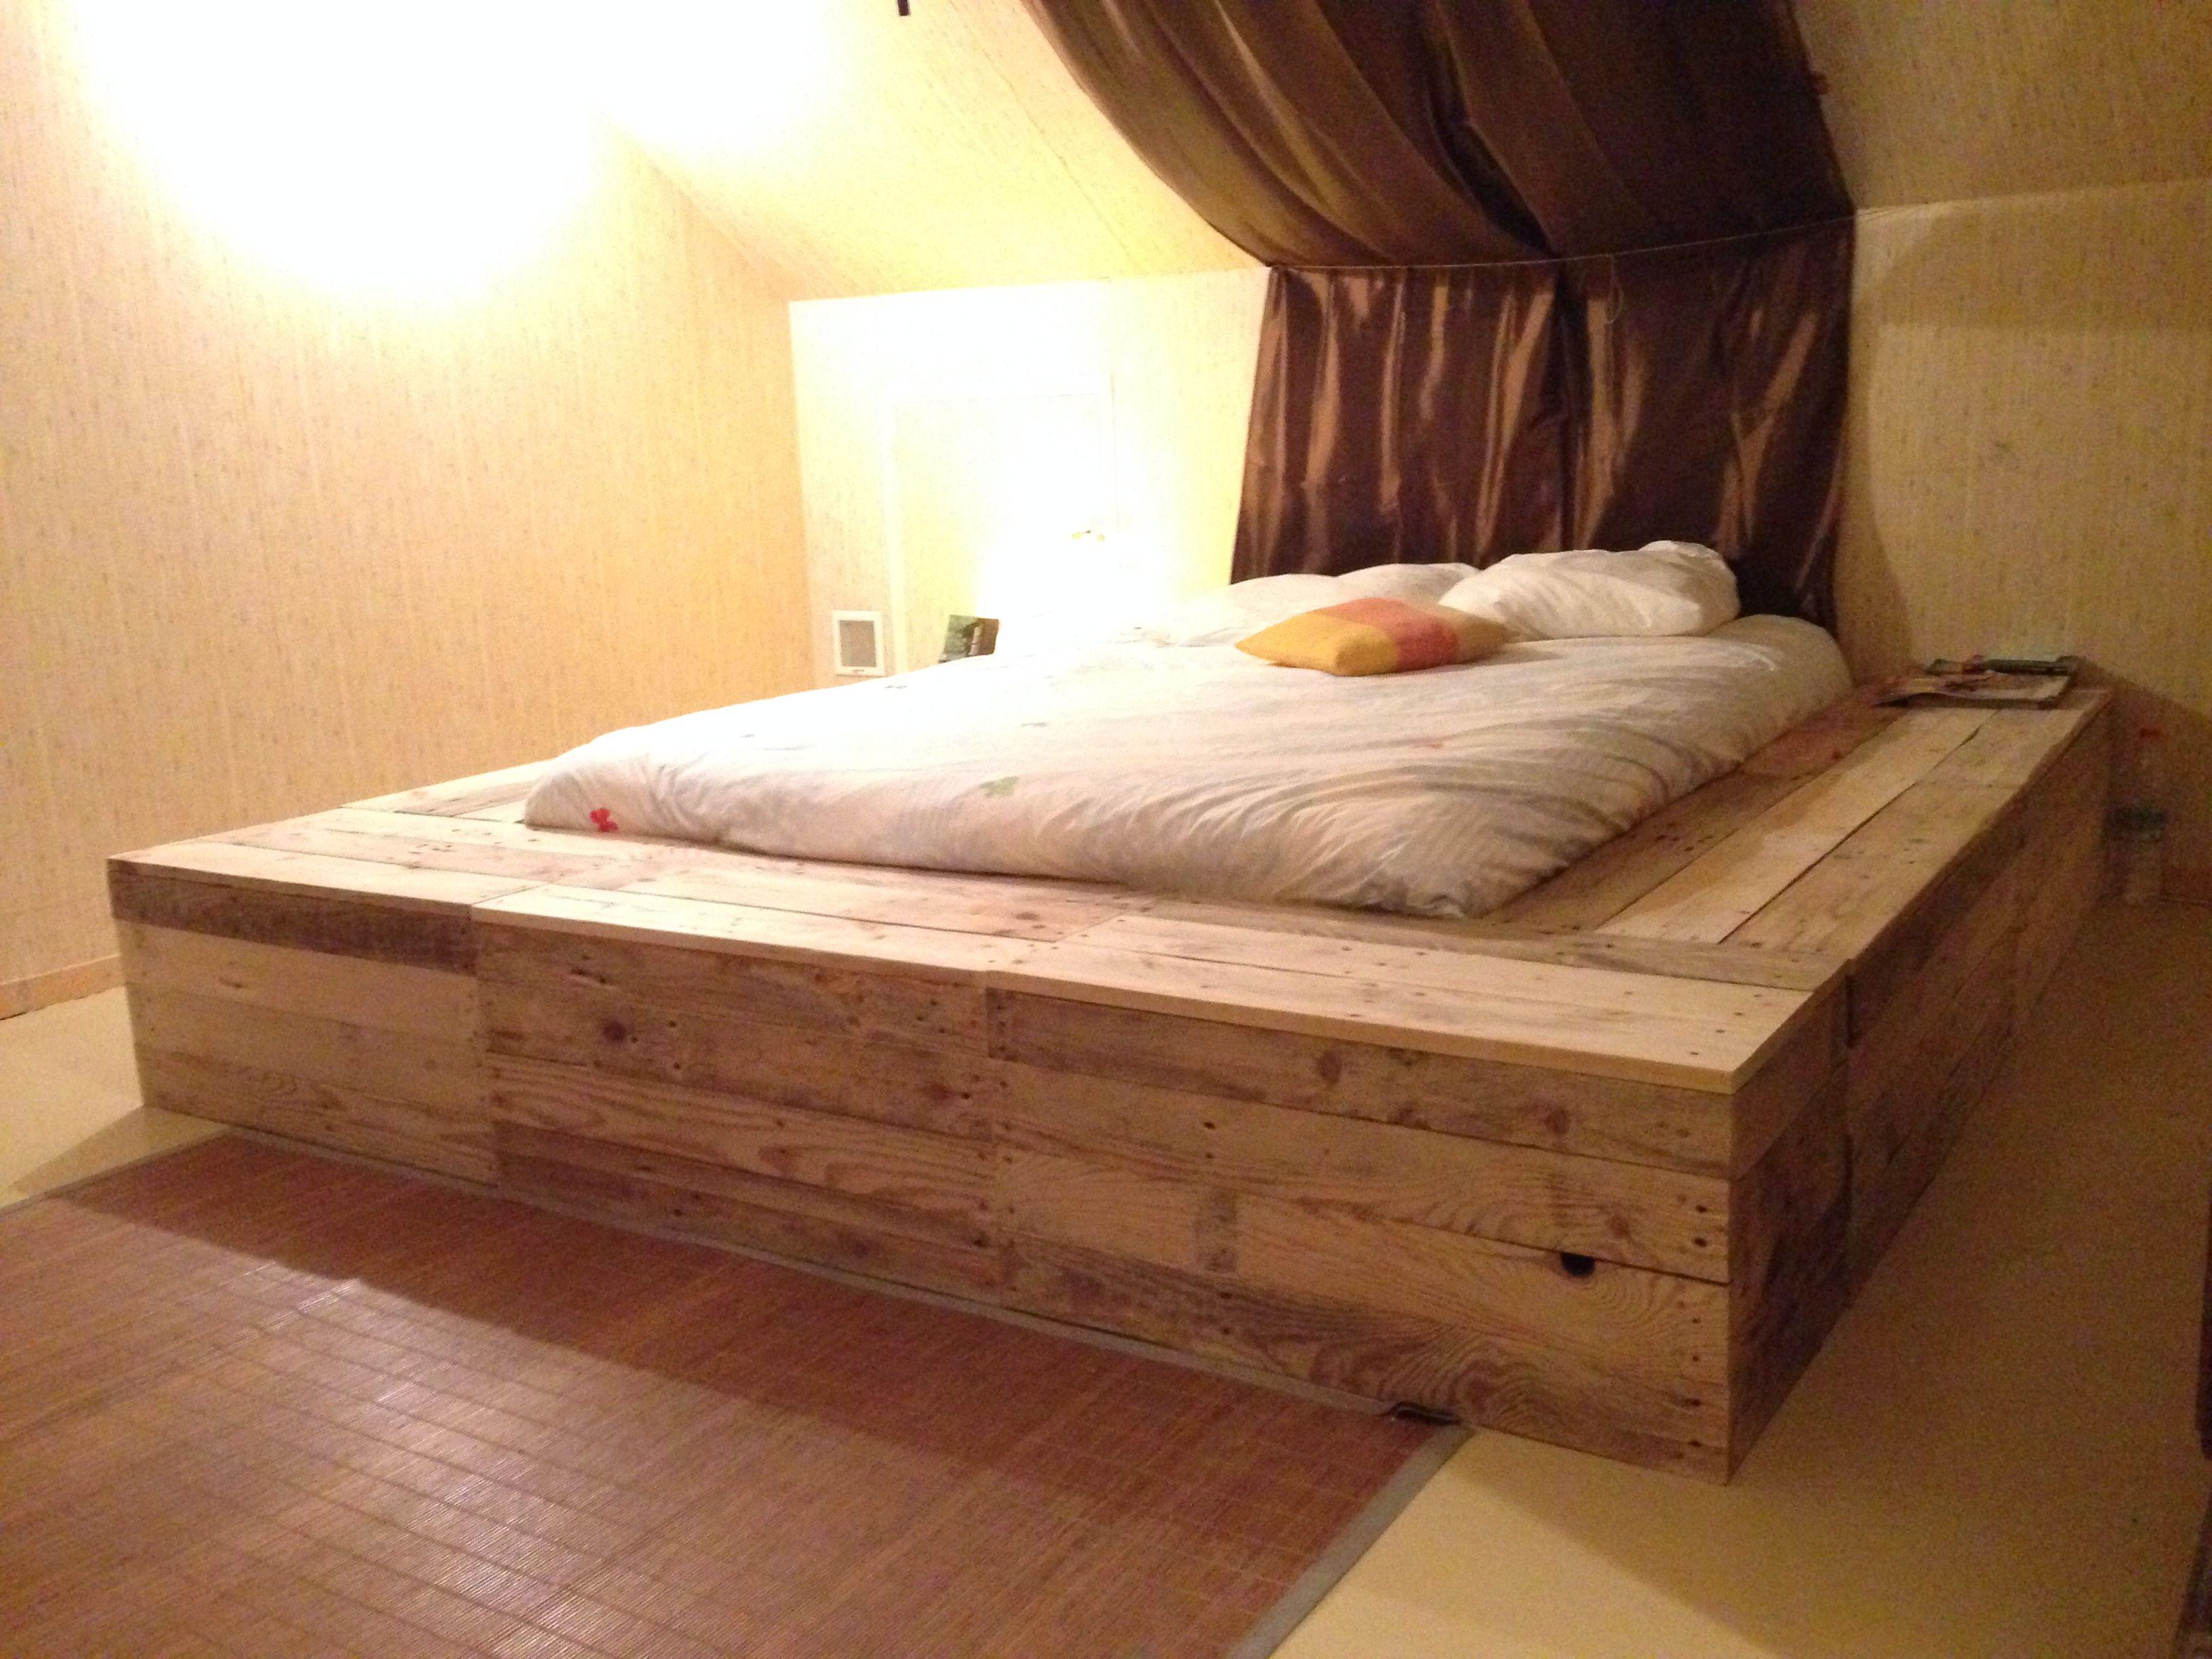 lit plateforme a c 39 est fait pinterest plateforme lits et fabrique. Black Bedroom Furniture Sets. Home Design Ideas